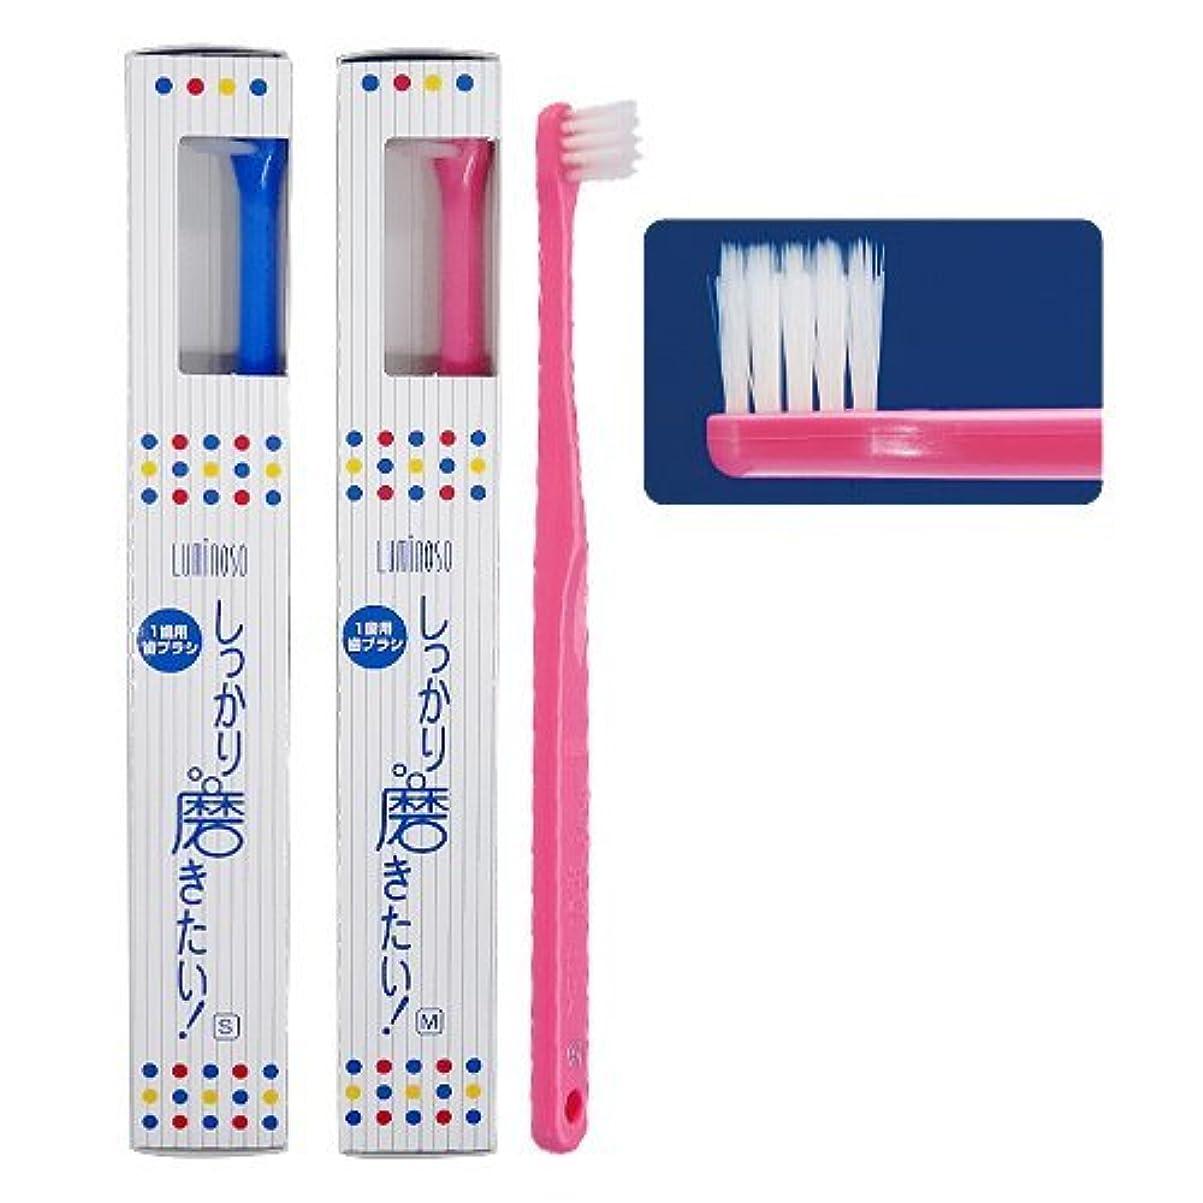 バランスのとれた既婚百科事典ルミノソ 1歯用歯ブラシ「しっかり磨きたい!」スタンダード ミディアム (カラー指定不可) 10本